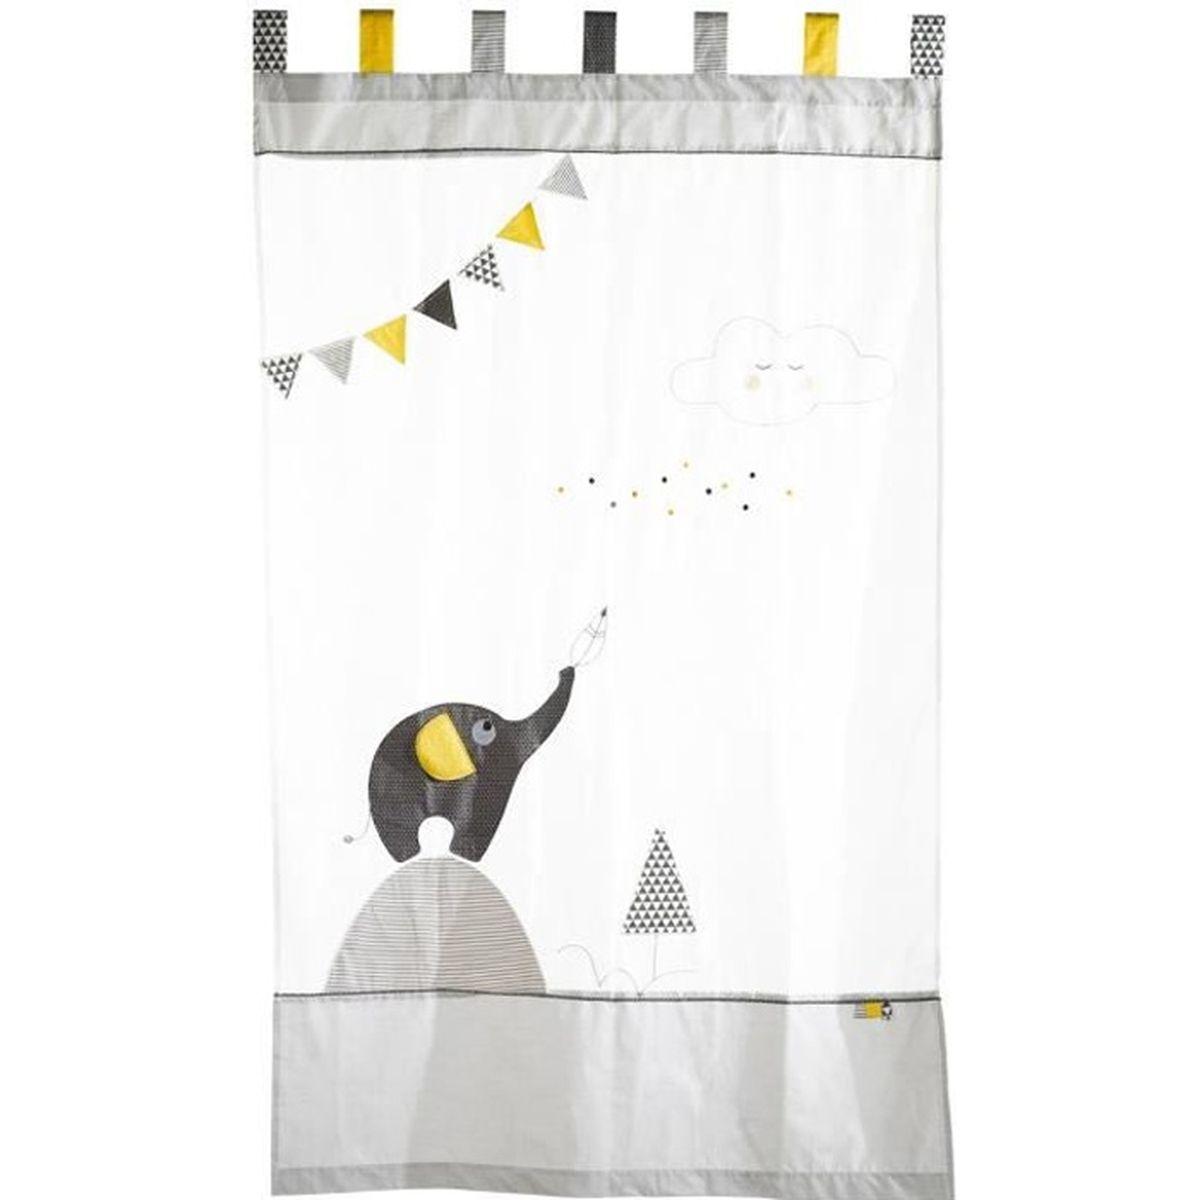 Rideau Jaune Et Blanc : babyfan rideau organdi jaune blanc gris achat vente rideau cdiscount ~ Teatrodelosmanantiales.com Idées de Décoration